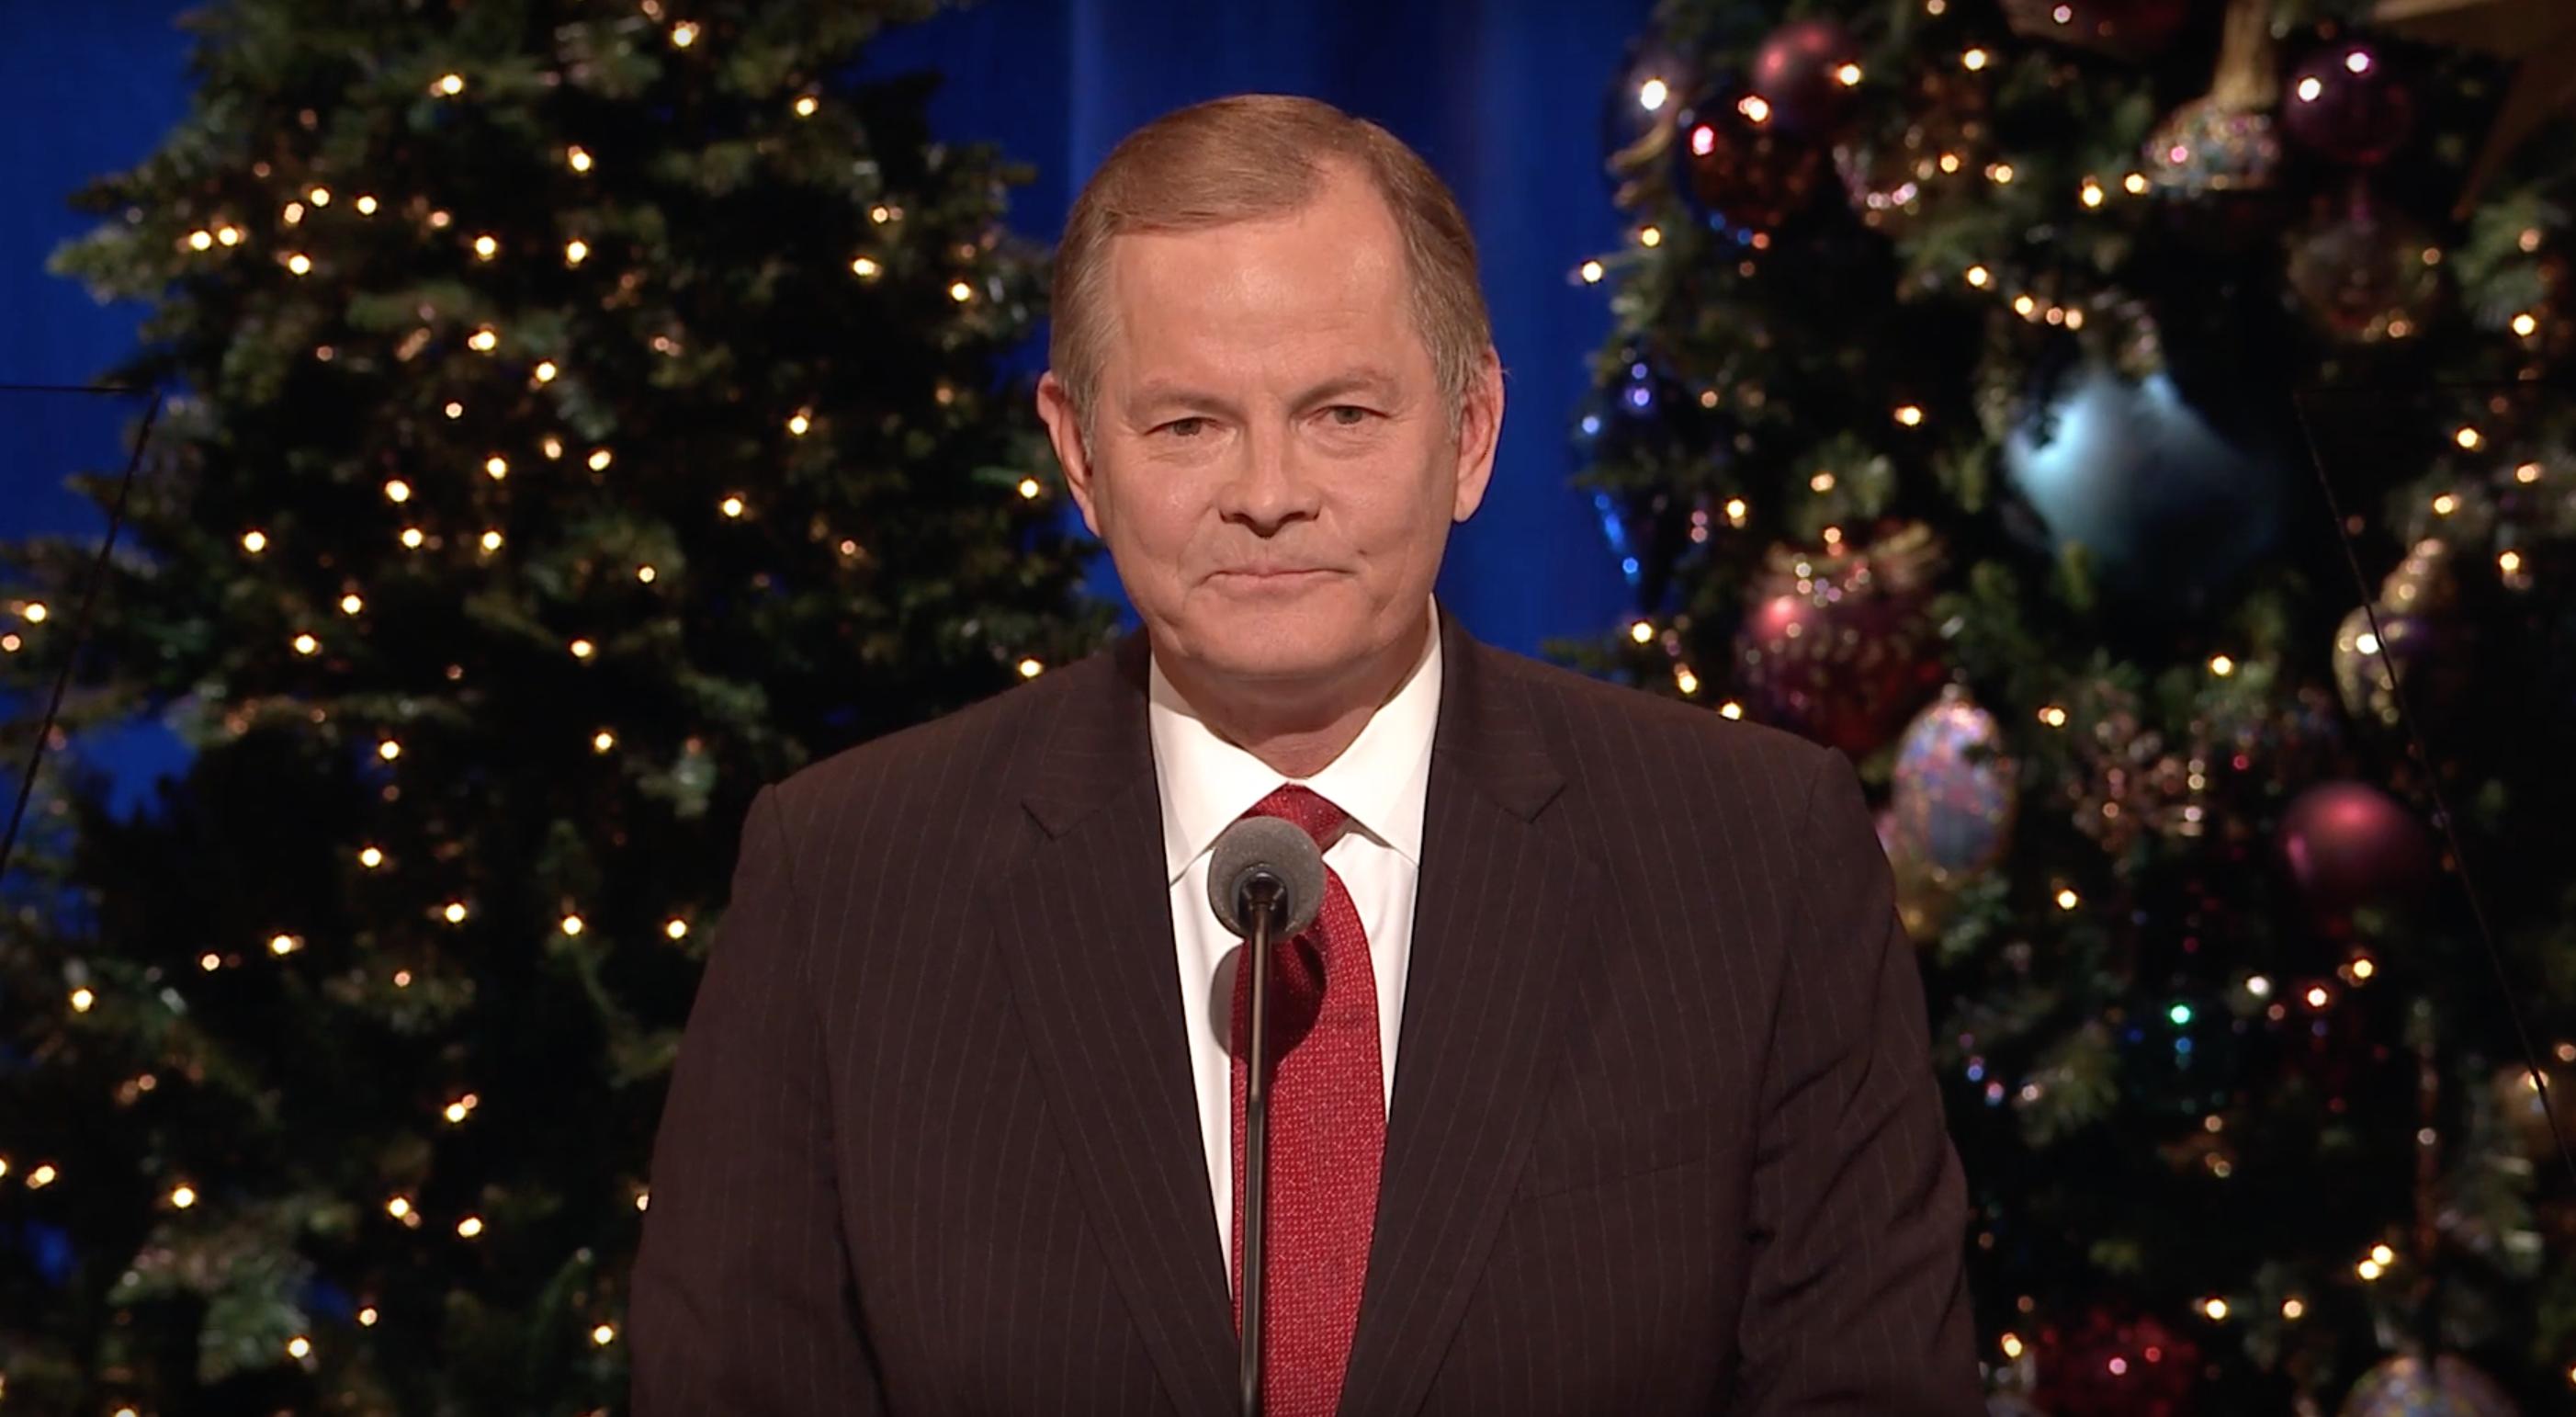 Elder Gary E. Stevenson speaks during the First Presidency's Christmas Devotional on Dec. 2, 2018.